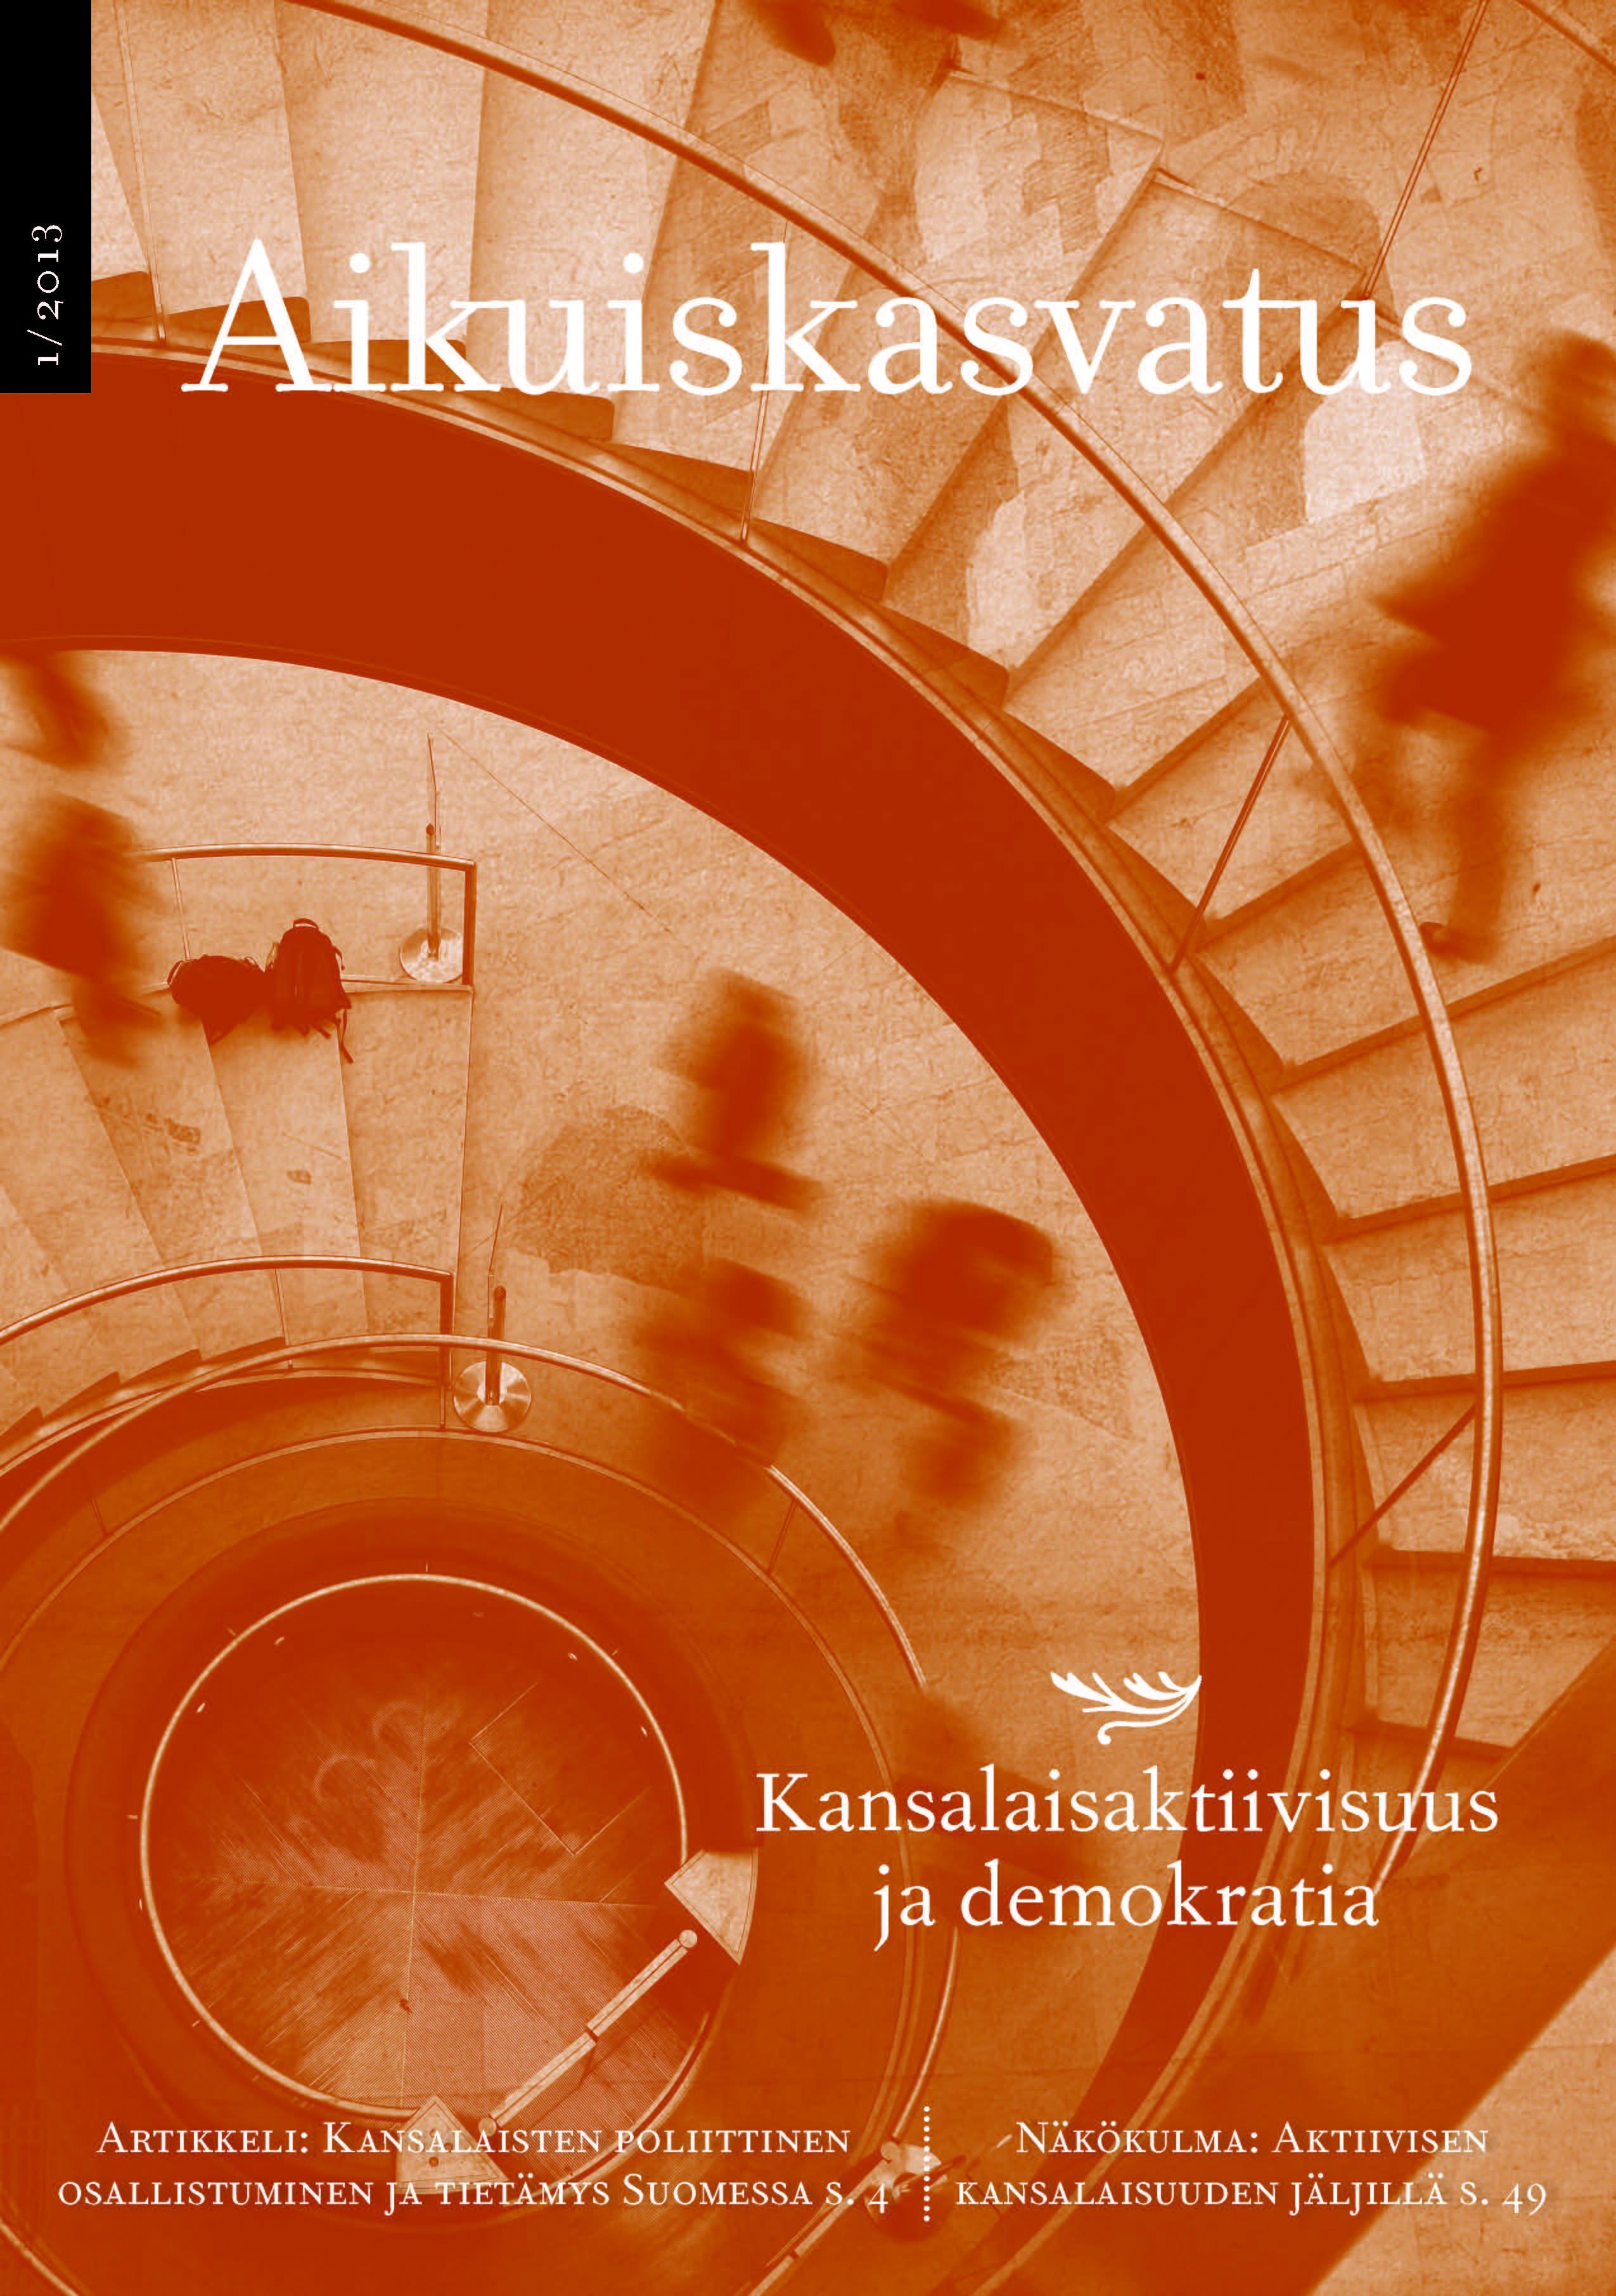 Näytä Vol 33 Nro 1 (2013): Aikuiskasvatus 1/2013: Kansalaisaktiivisuus ja demokratia